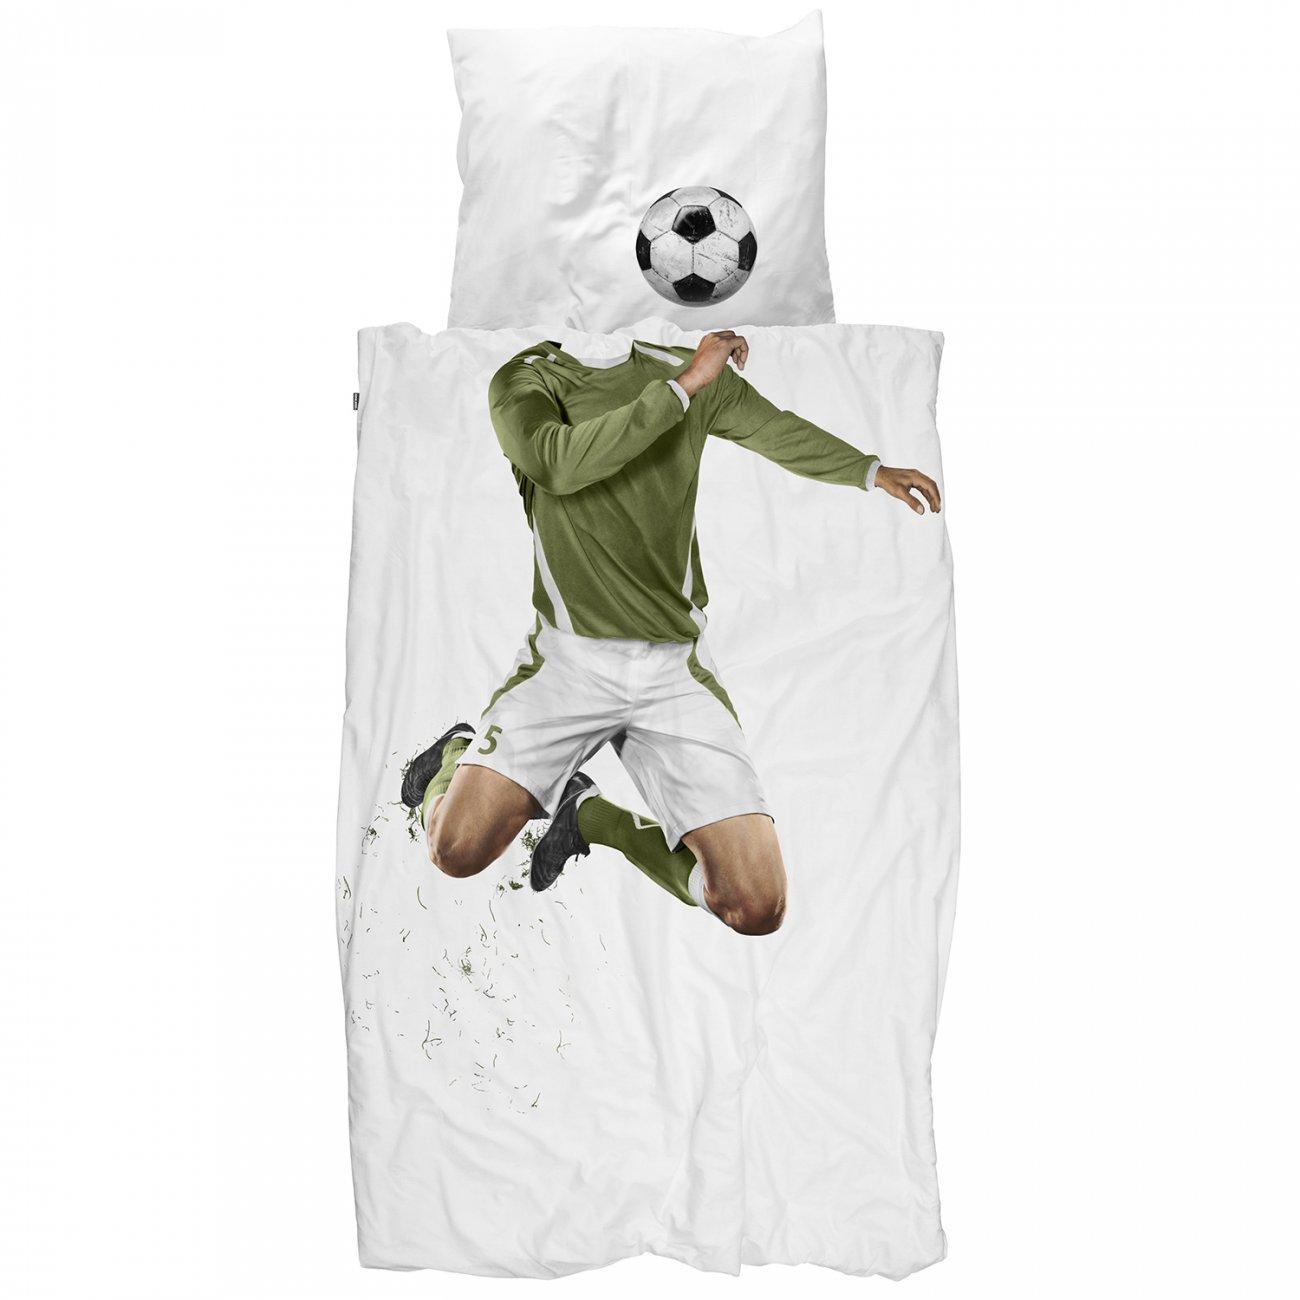 Snurk dekbed overtrekset Soccer Champ groen